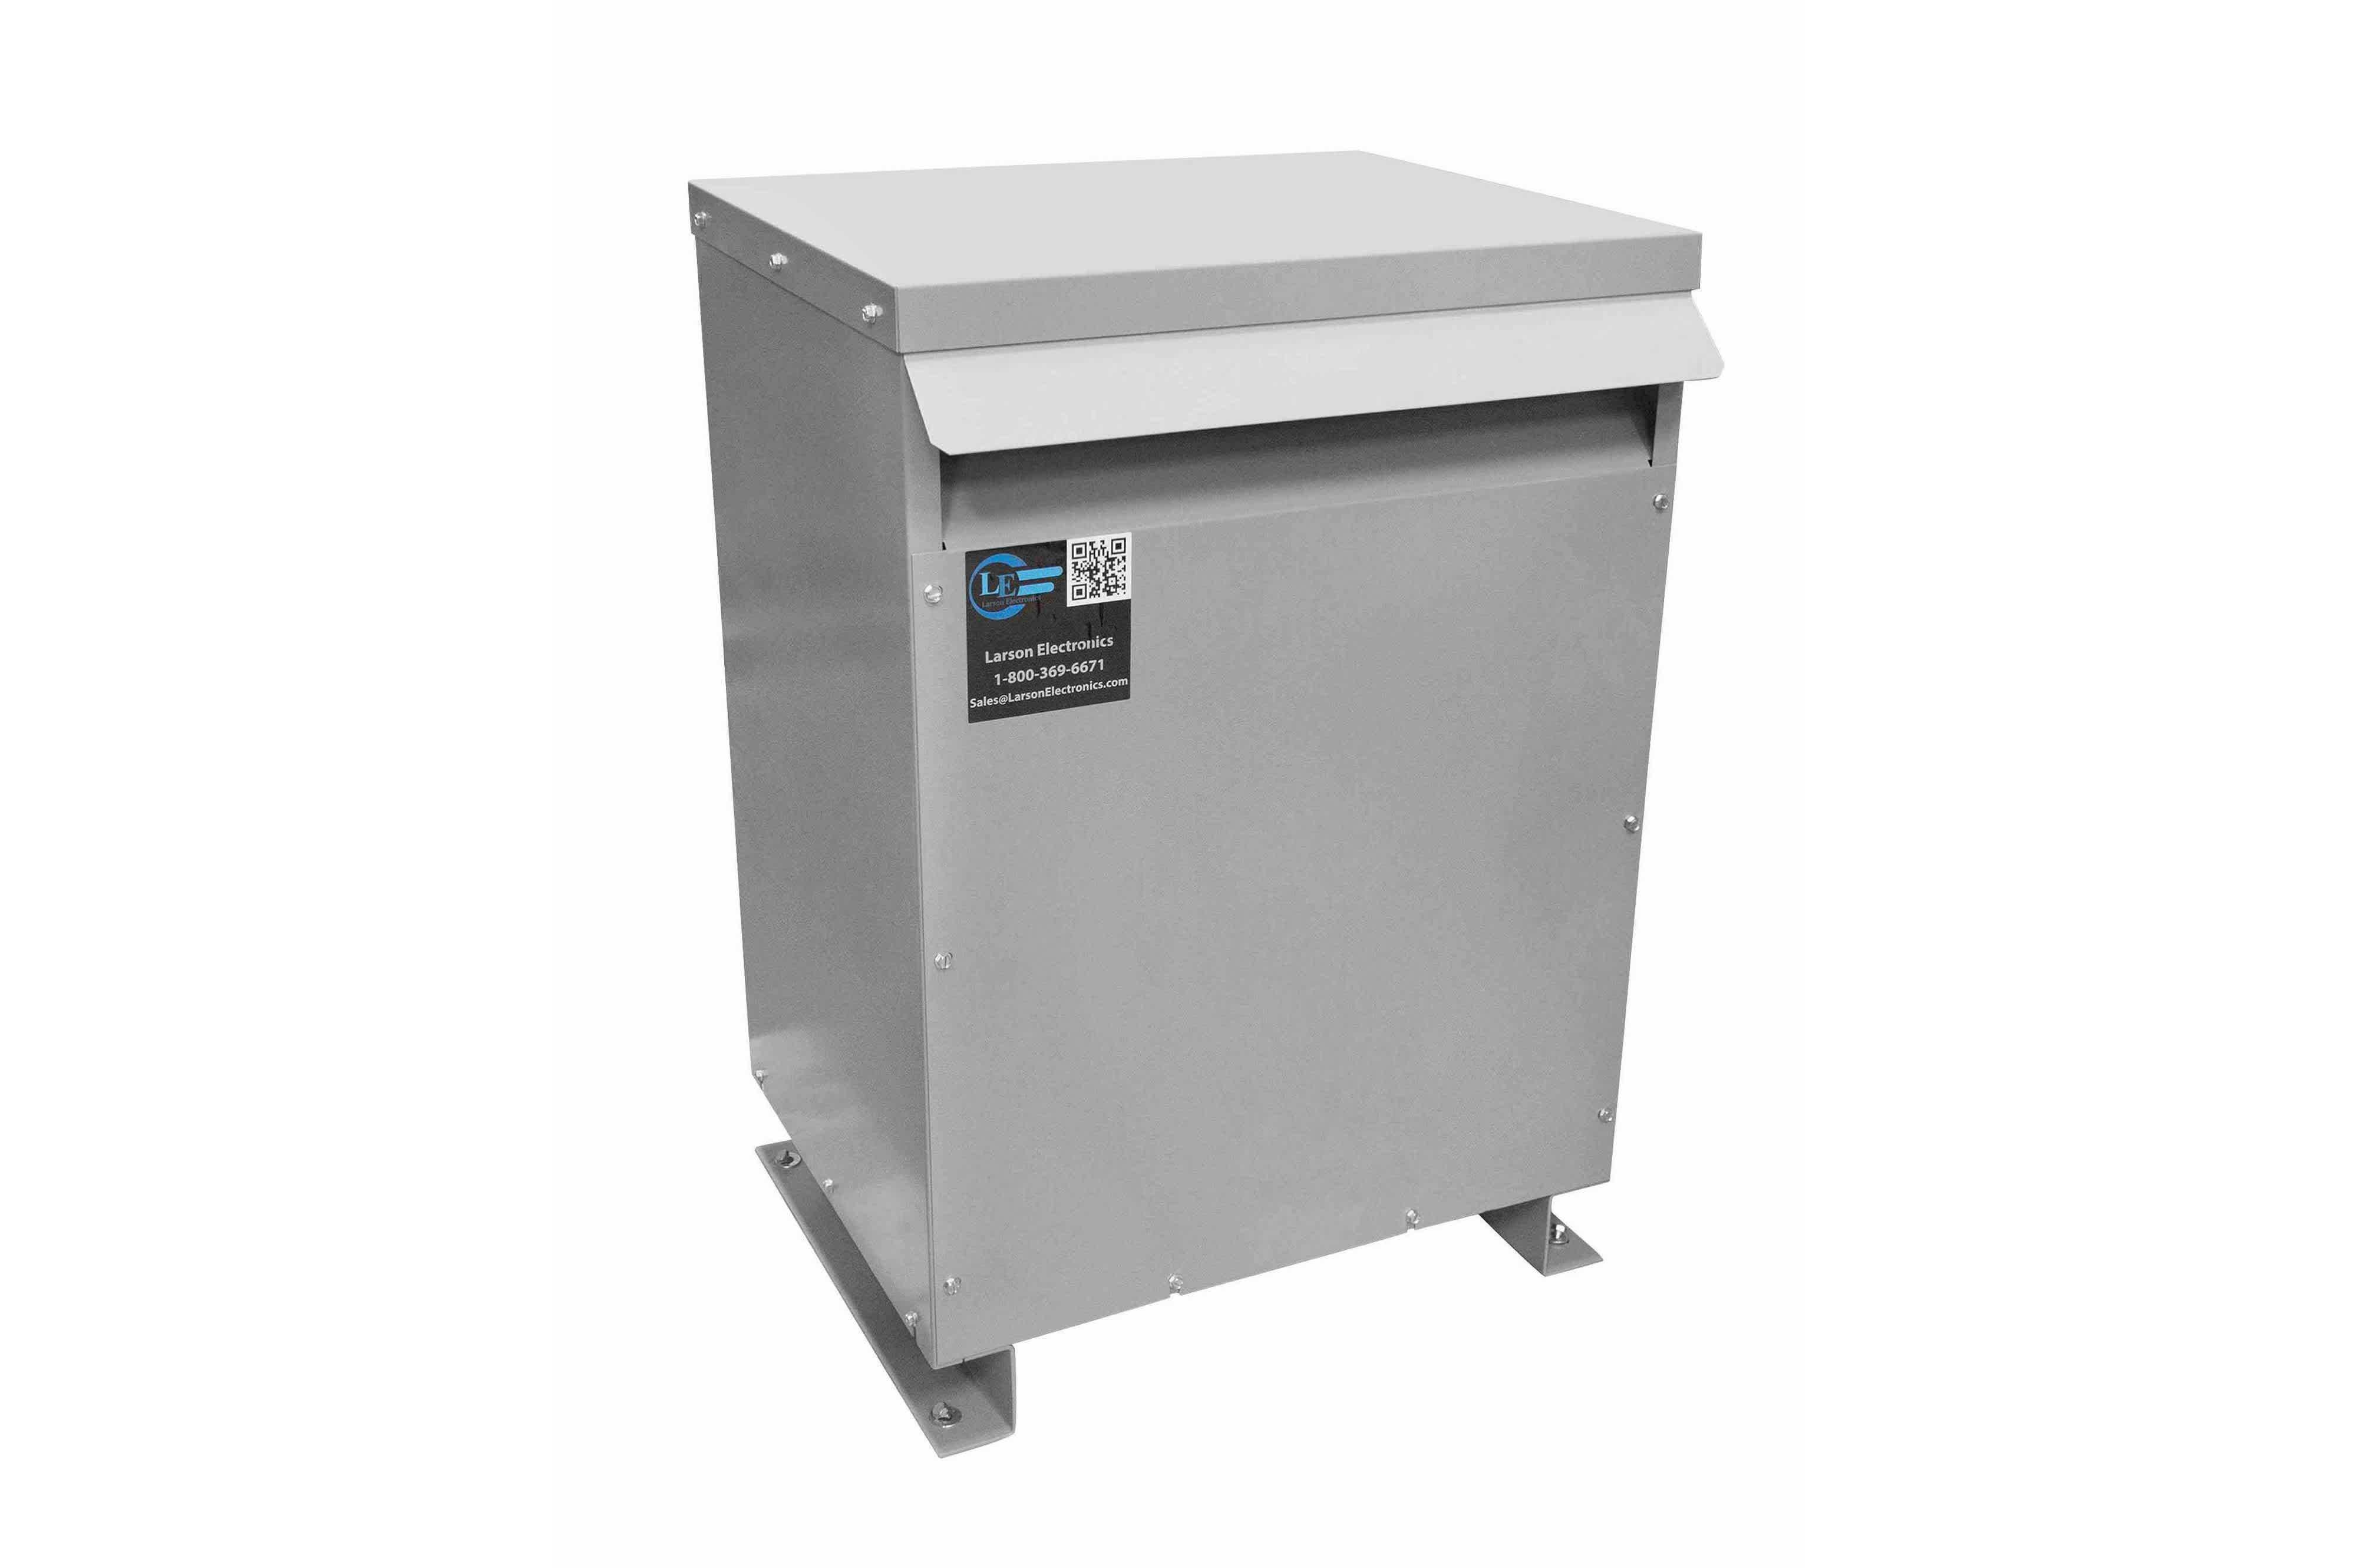 14 kVA 3PH Isolation Transformer, 460V Delta Primary, 575V Delta Secondary, N3R, Ventilated, 60 Hz